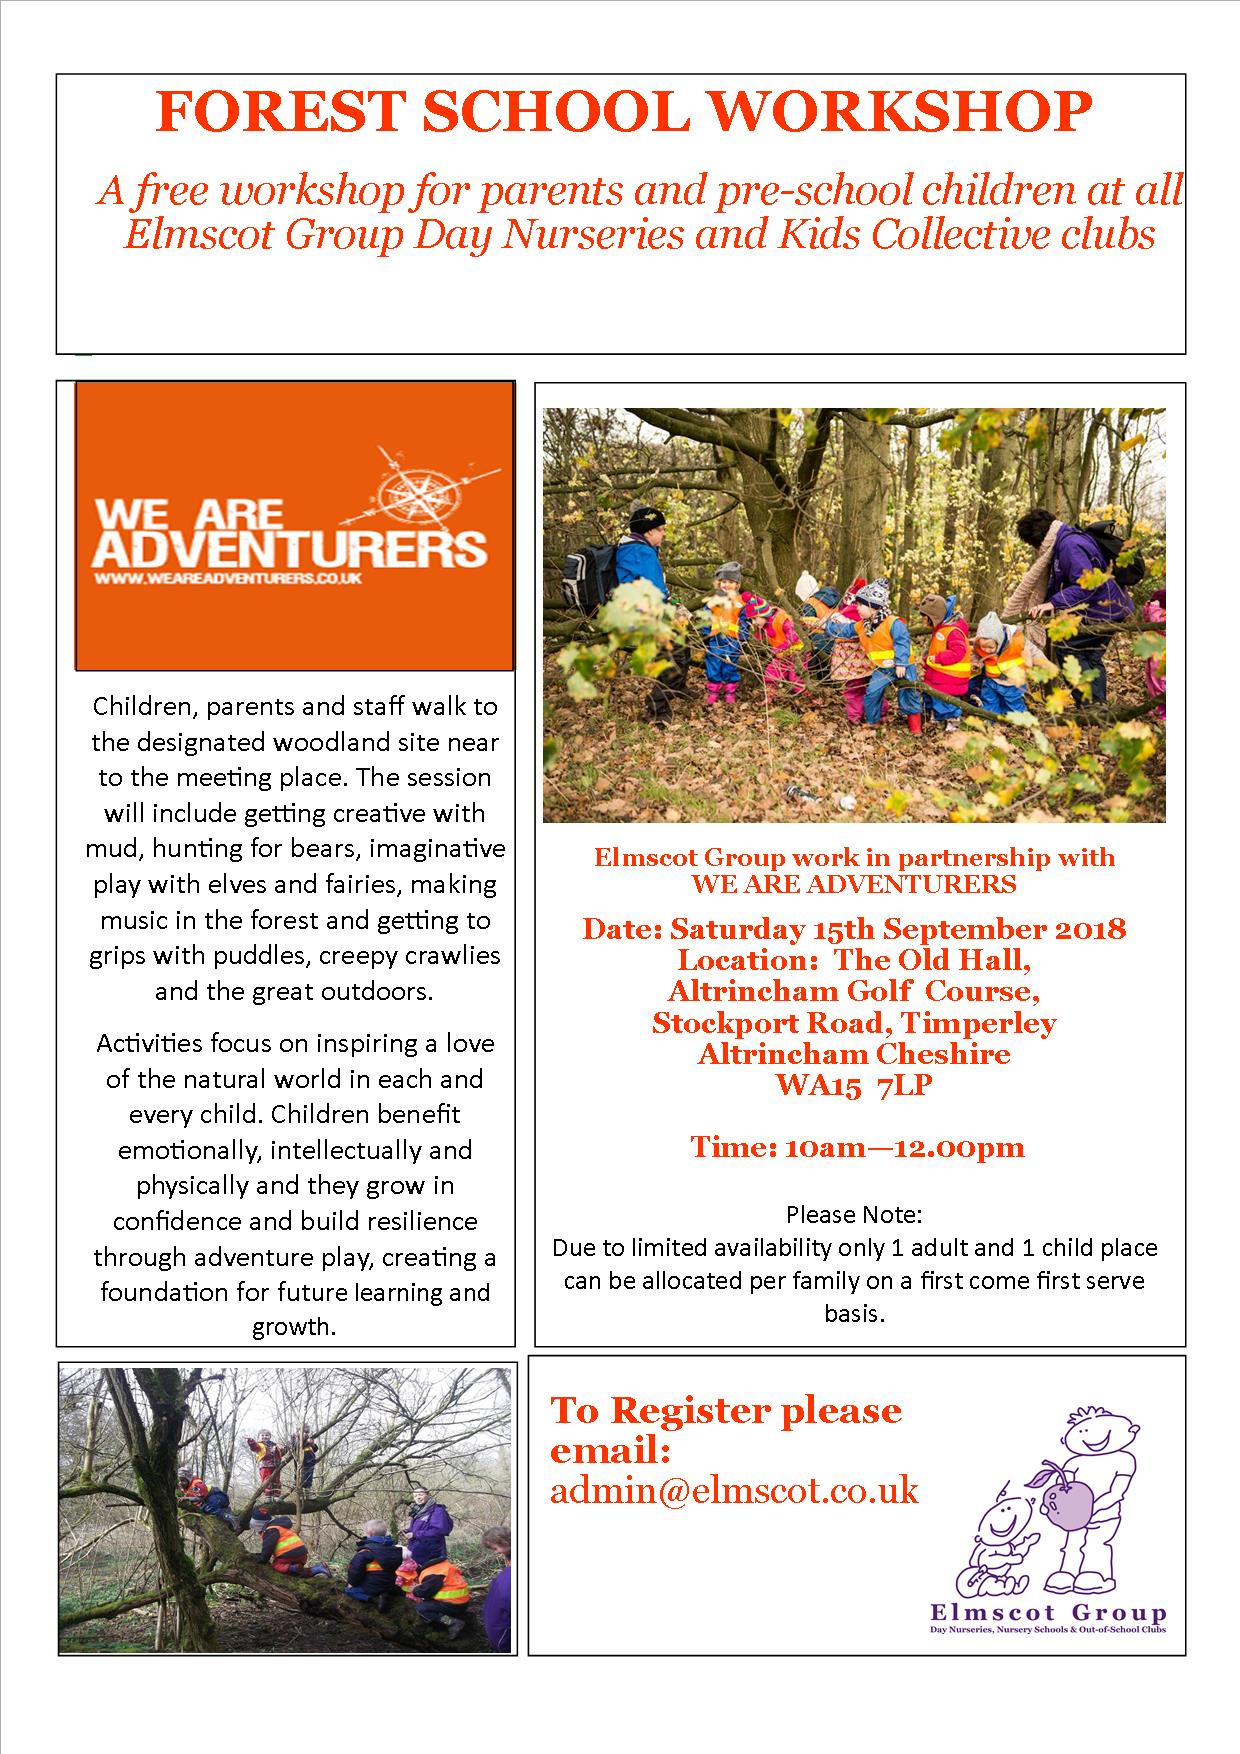 Forest School Workshop poster September 2018 - Elmscot Group